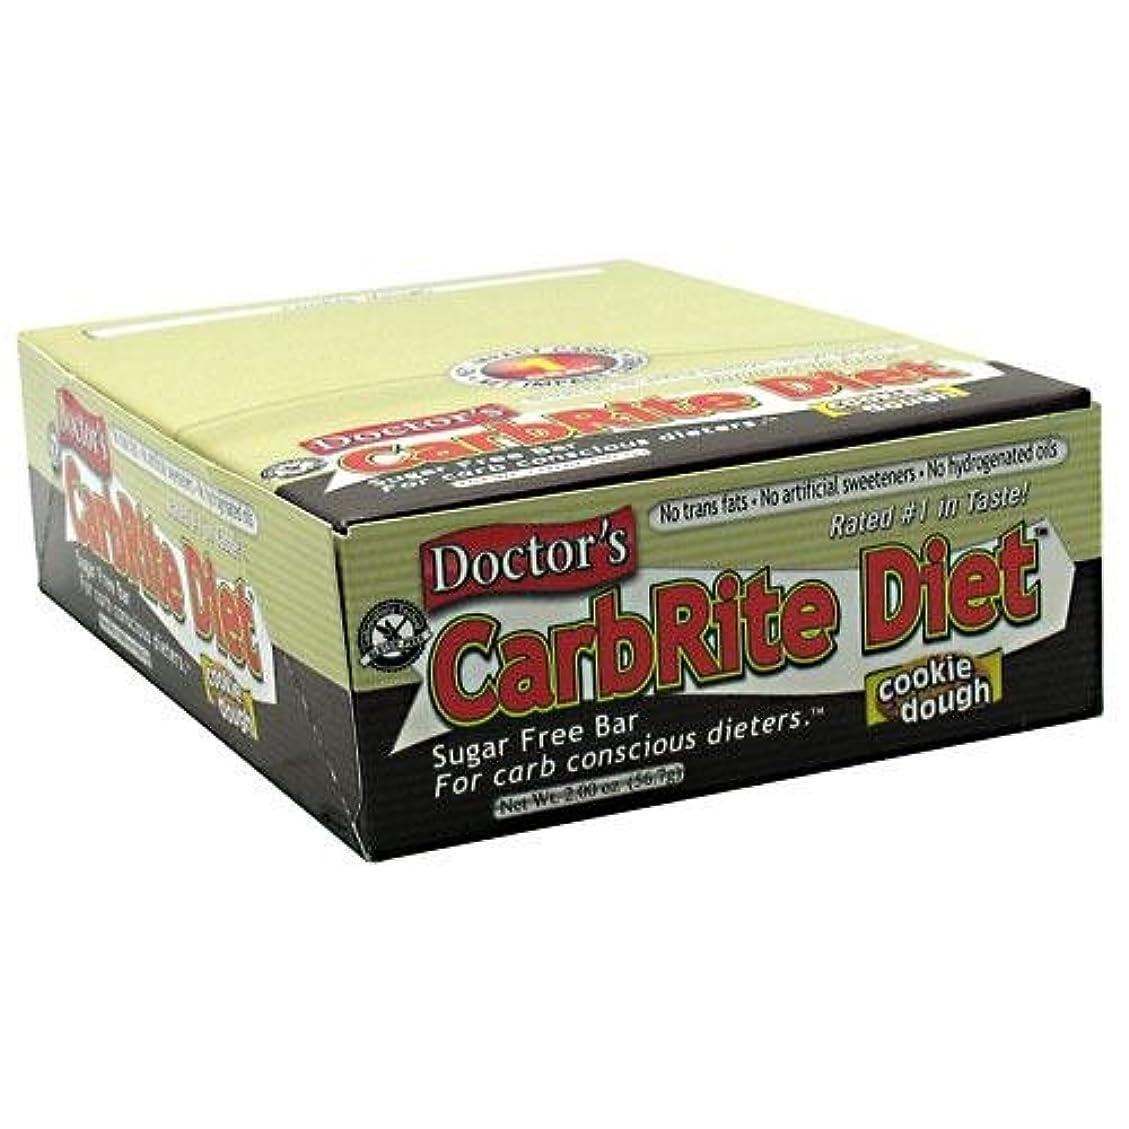 愛されし者求める配管Universal Nutrition, Doctor's CarbRite Diet, Chocolate Caramel Nut, 12 Bars, 2.0 oz (56.7 g) Each